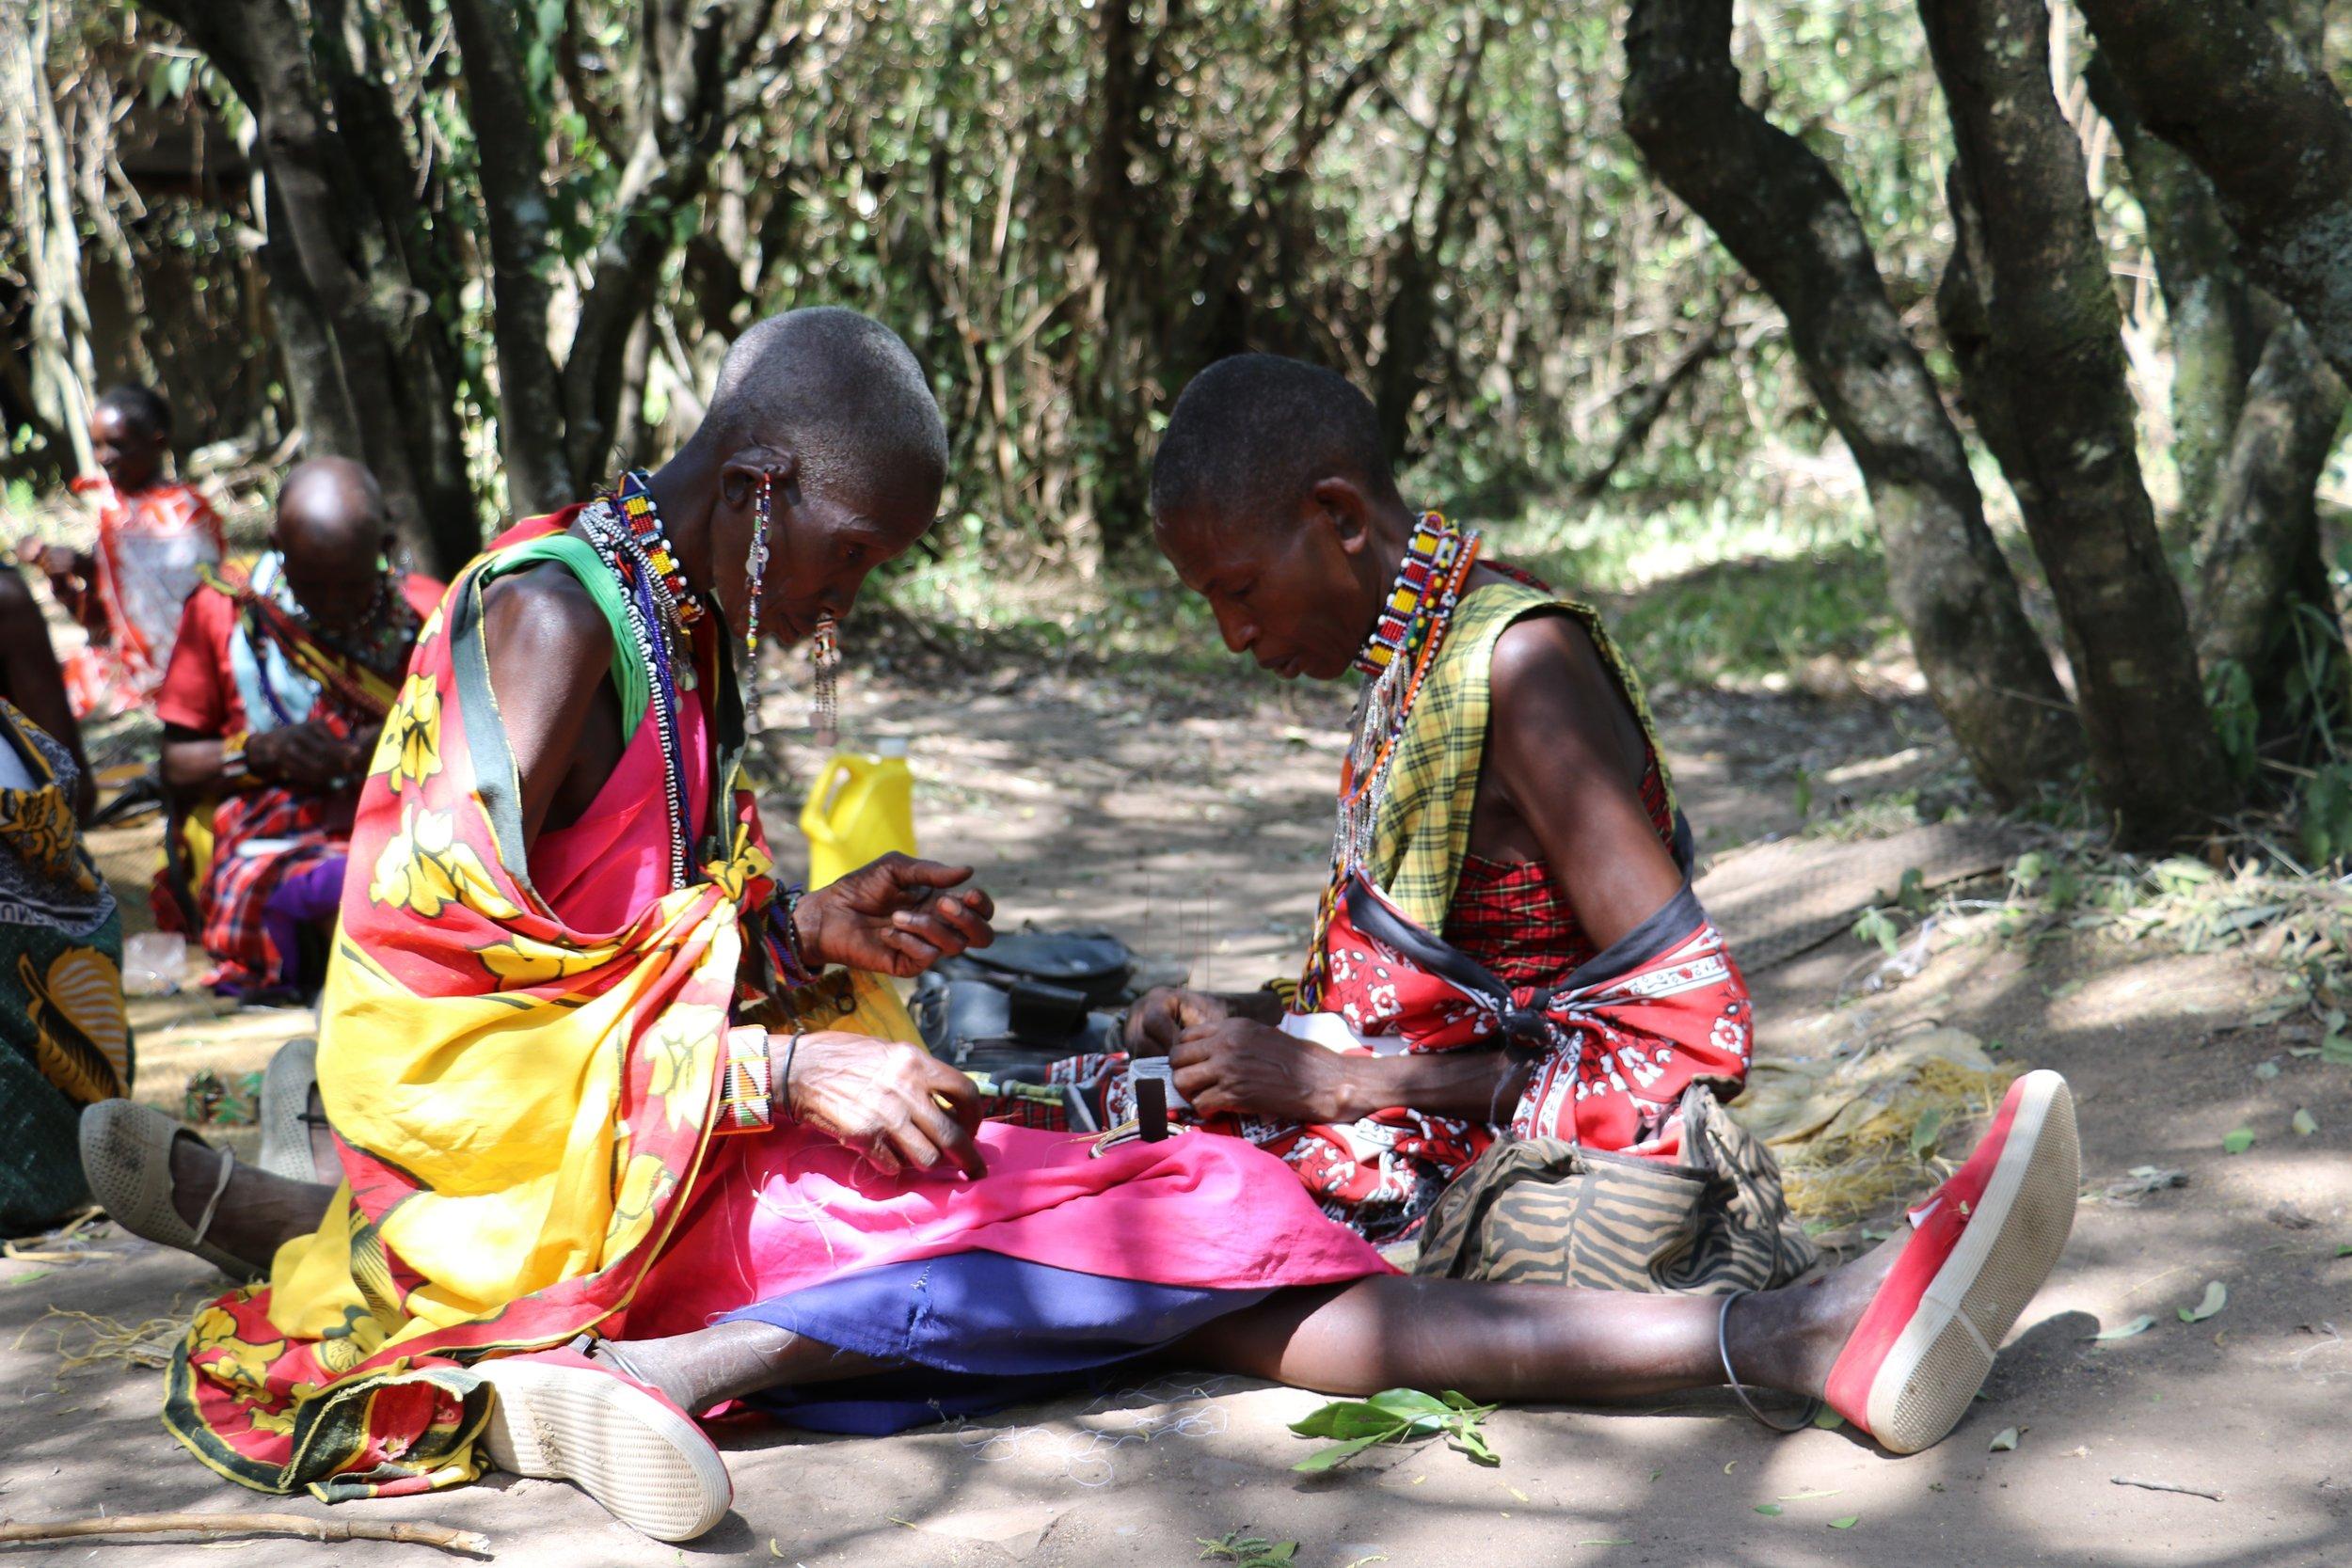 HIITU_Kenya_BasecampMaasai8.jpg